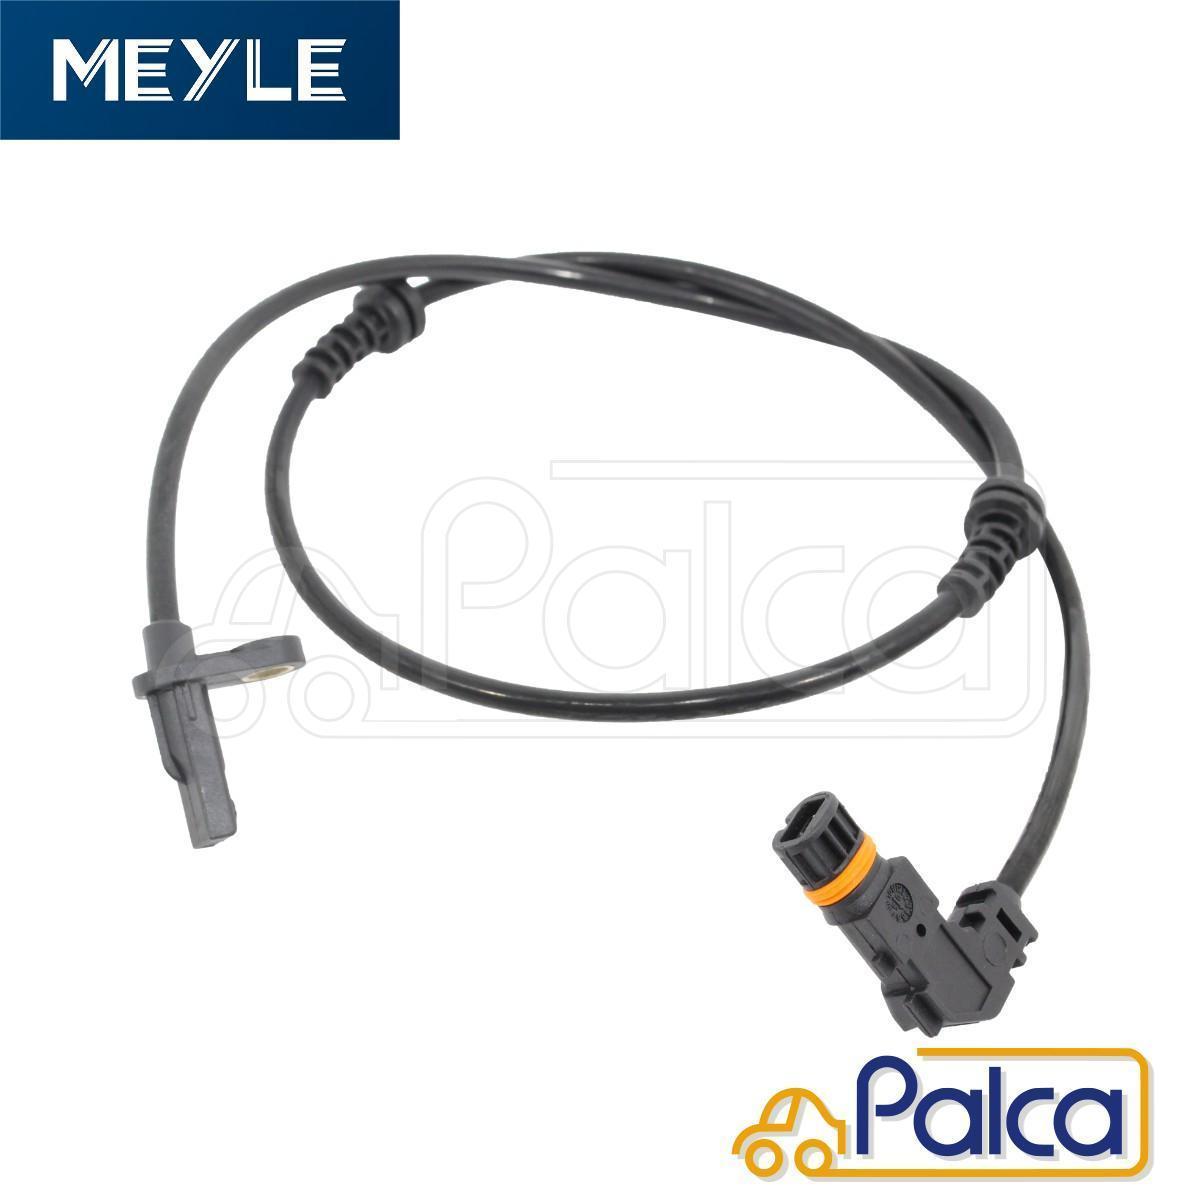 メルセデス ベンツ フロント ABSセンサー/スピードセンサー 左右共通| GLKクラス|X204/GLK300 GLK350 | MEYLE製 | 2045400517_画像1